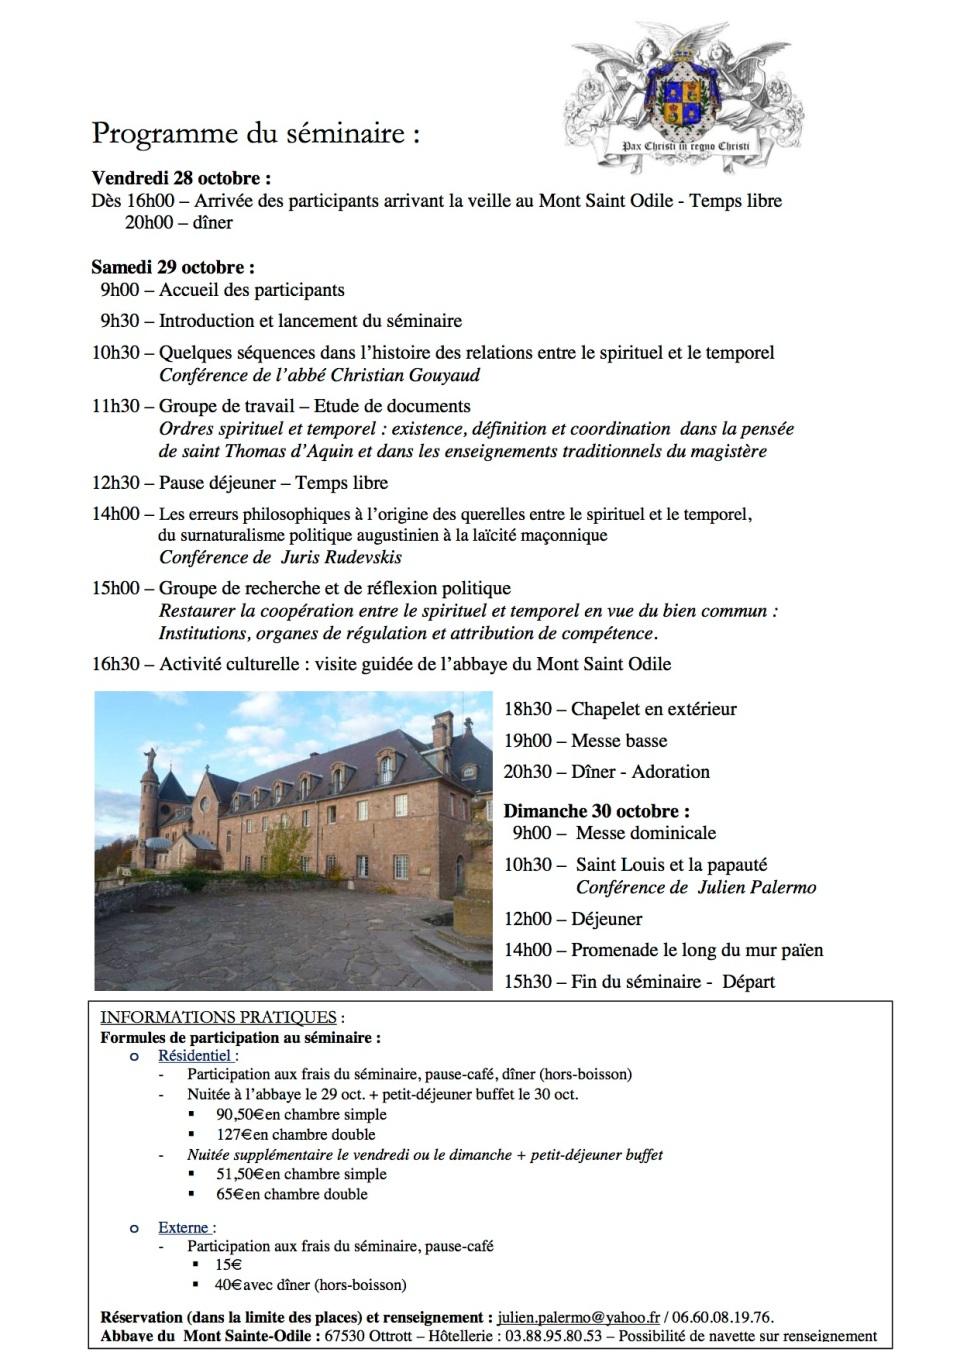 seminaire-du-29-octobre-programme-2-glissees